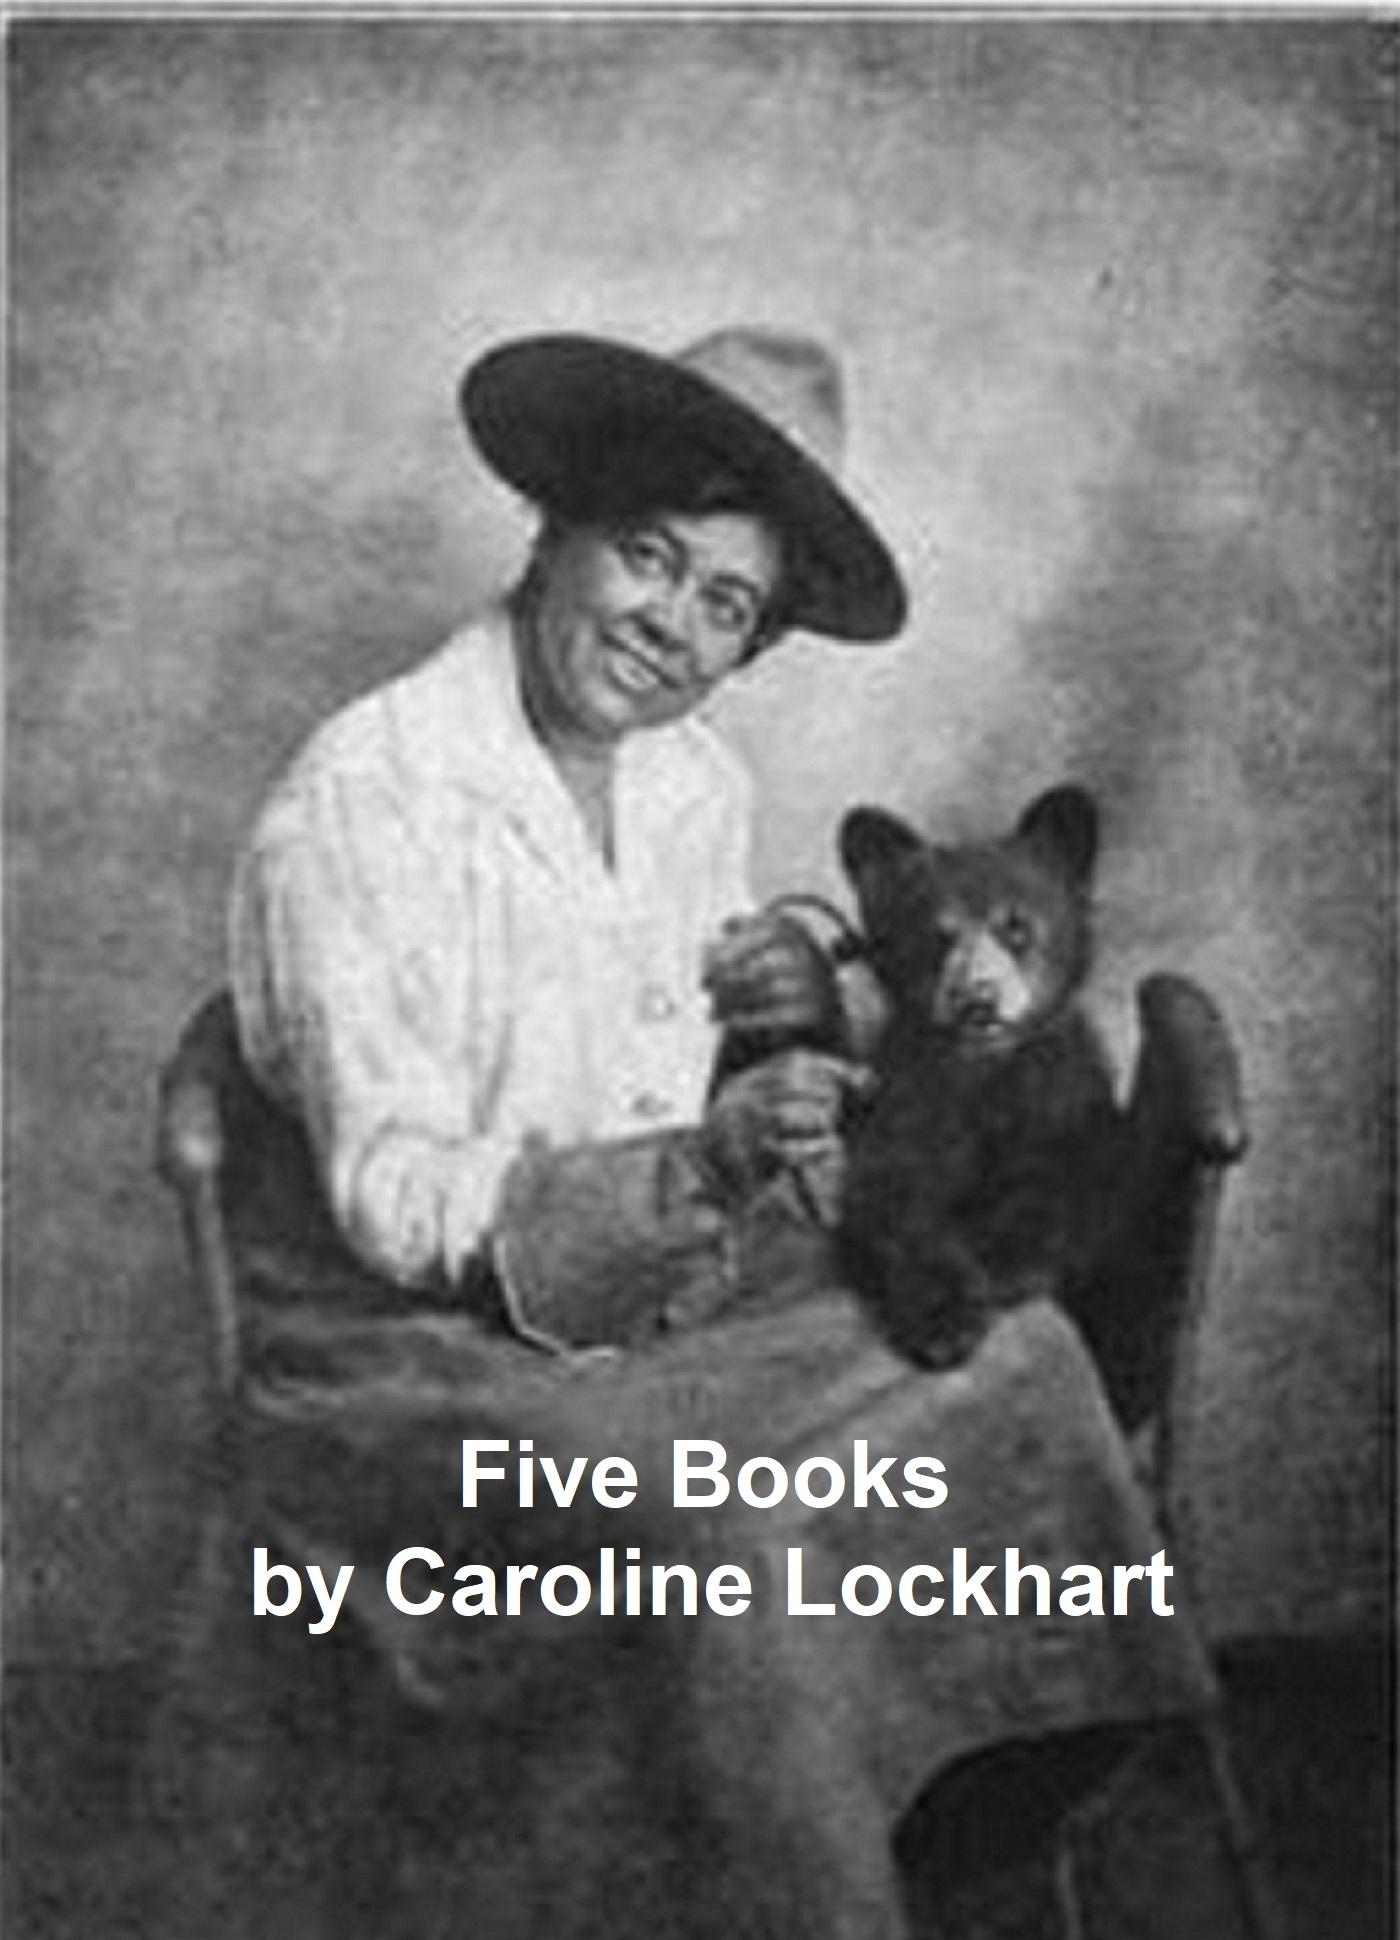 Caroline Lockhart